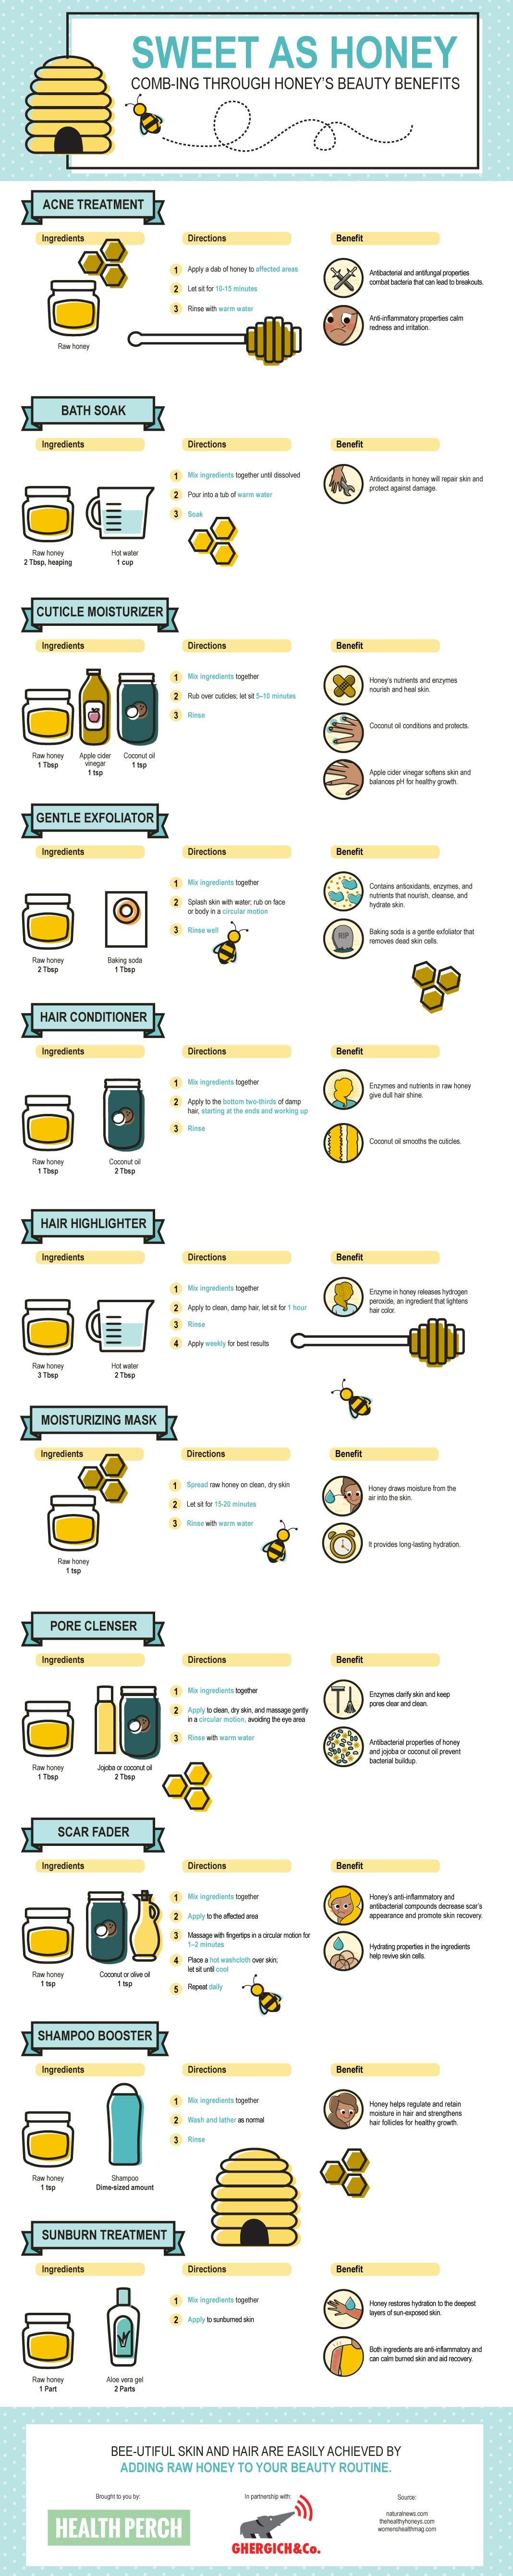 DIY Honey Beauty-Treatment Recipes - Infographic